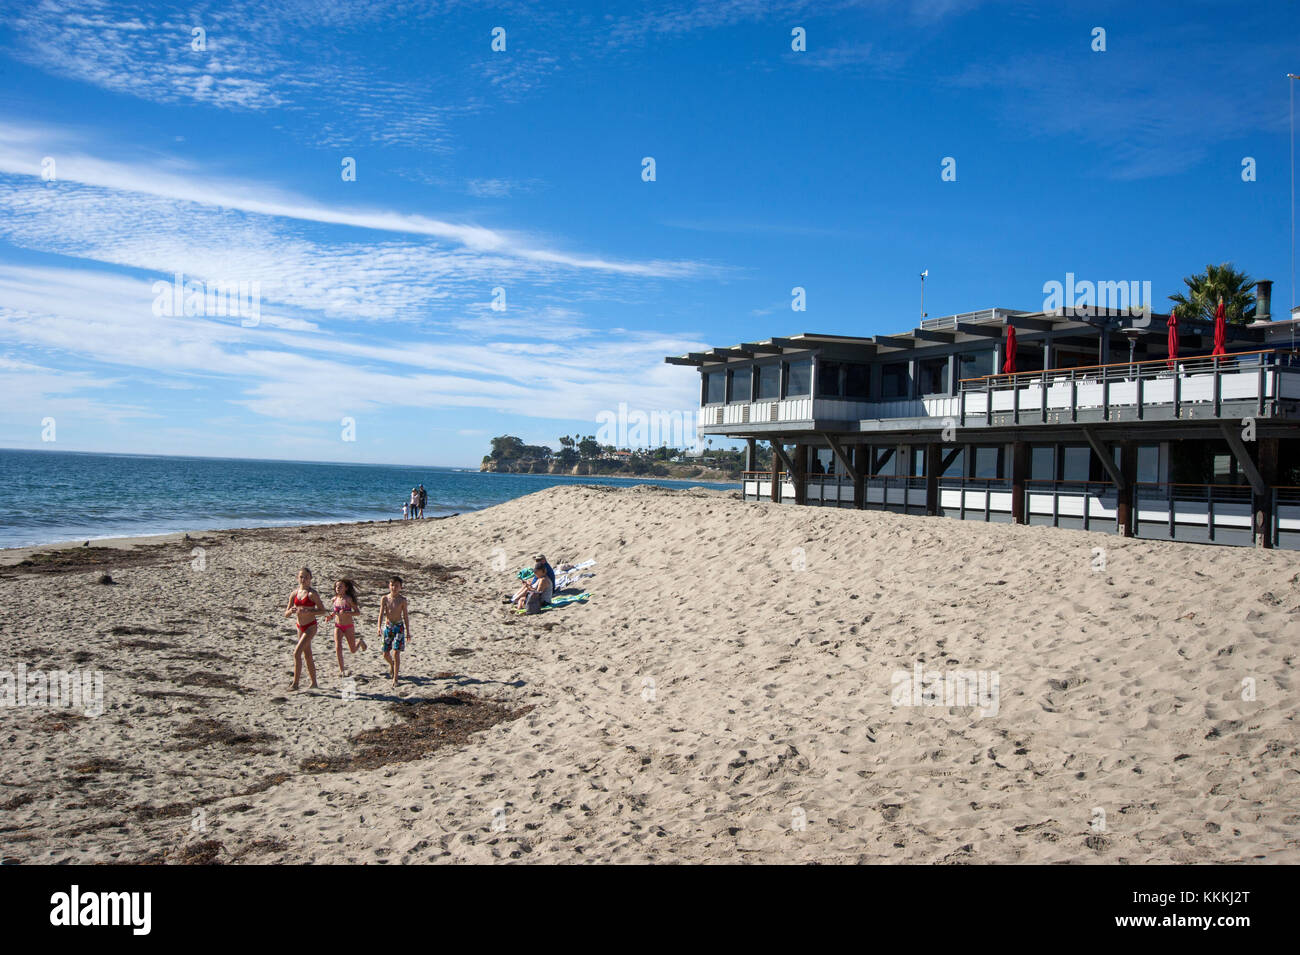 Yacht club and beach at Santa Barbara Harbor in California, USA - Stock Image